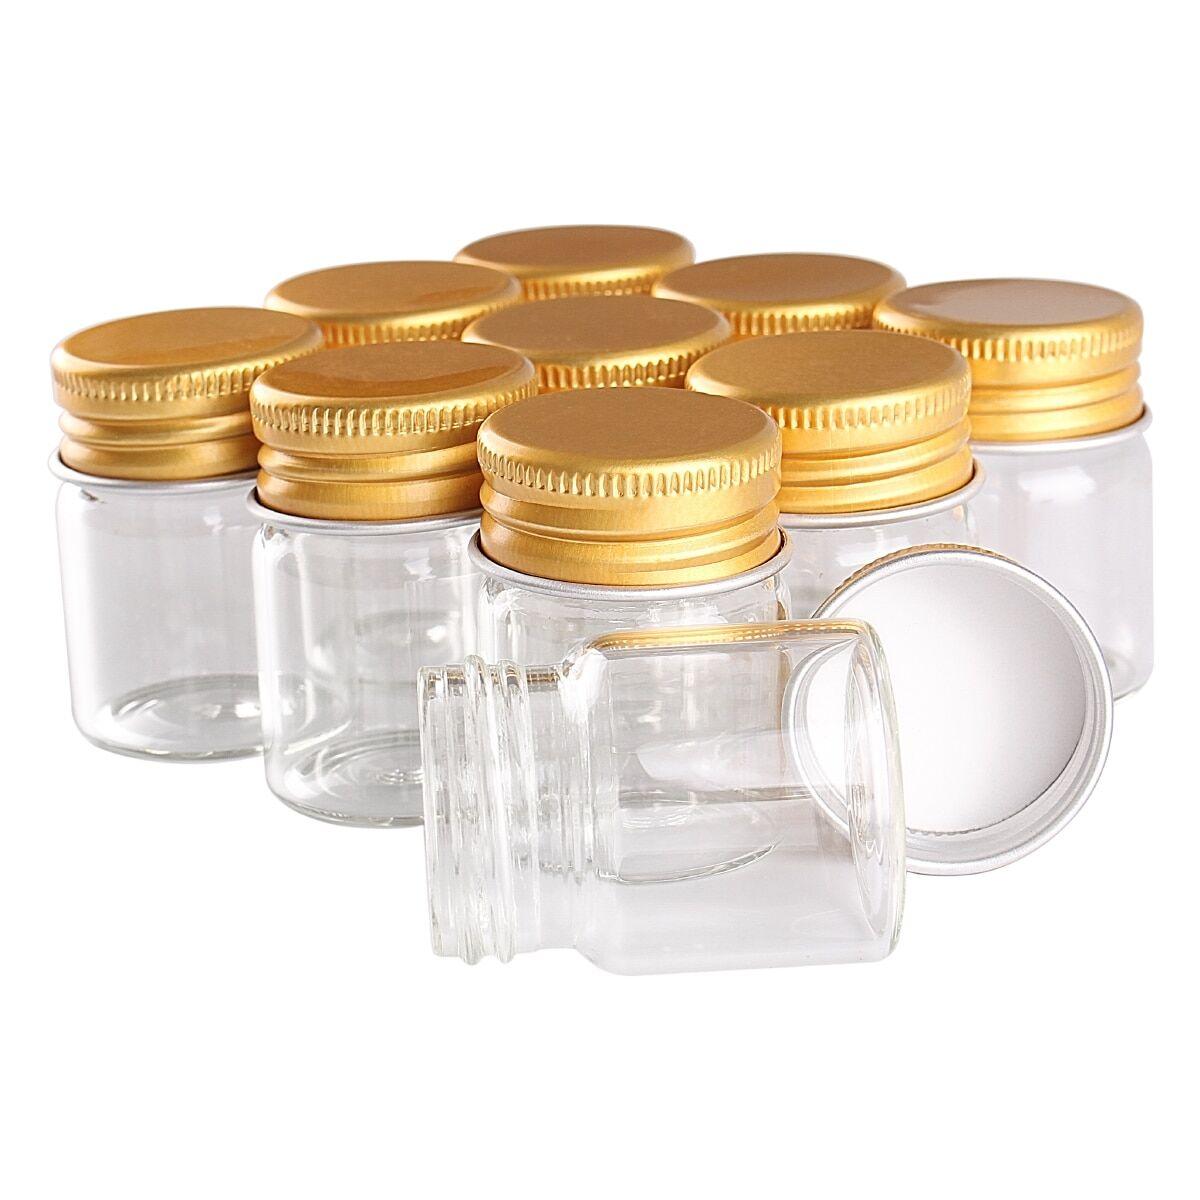 AliExpress Bouteilles en verre avec bouchons en aluminium doré, bocaux en verre de 15ml, 30x40mm, 24 pièces